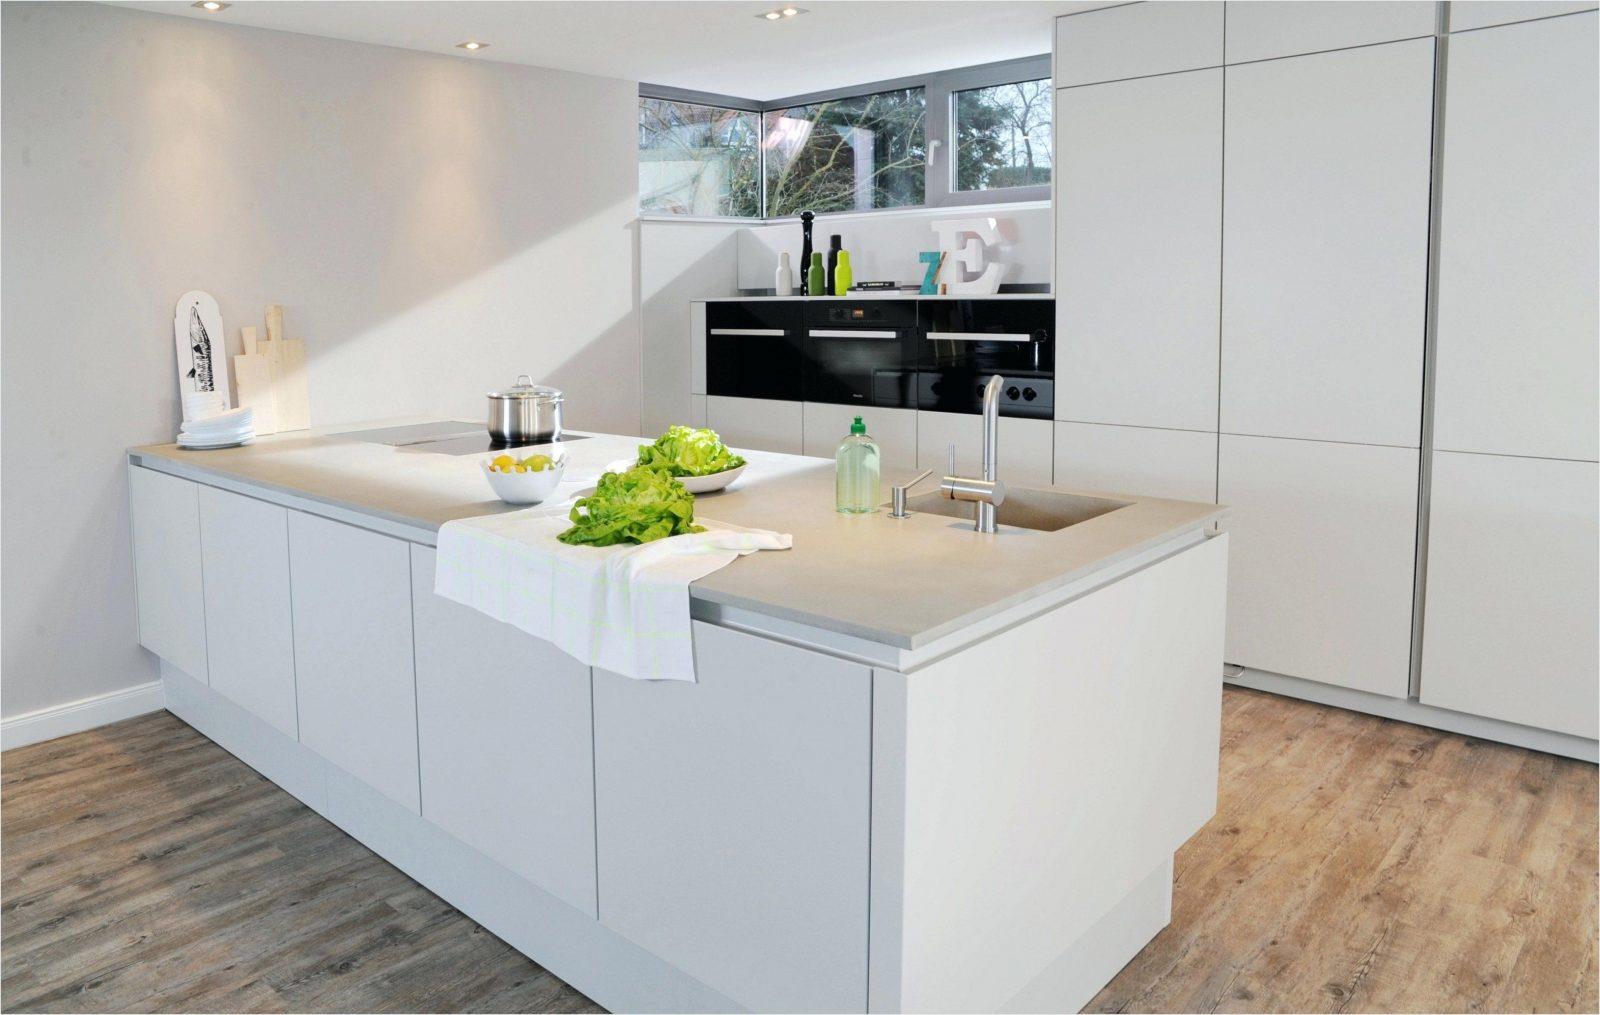 Modulküche Selber Bauen Luxus Glaspaneele Kuche Erstaunlich von Spritzschutz Küche Selber Machen Bild